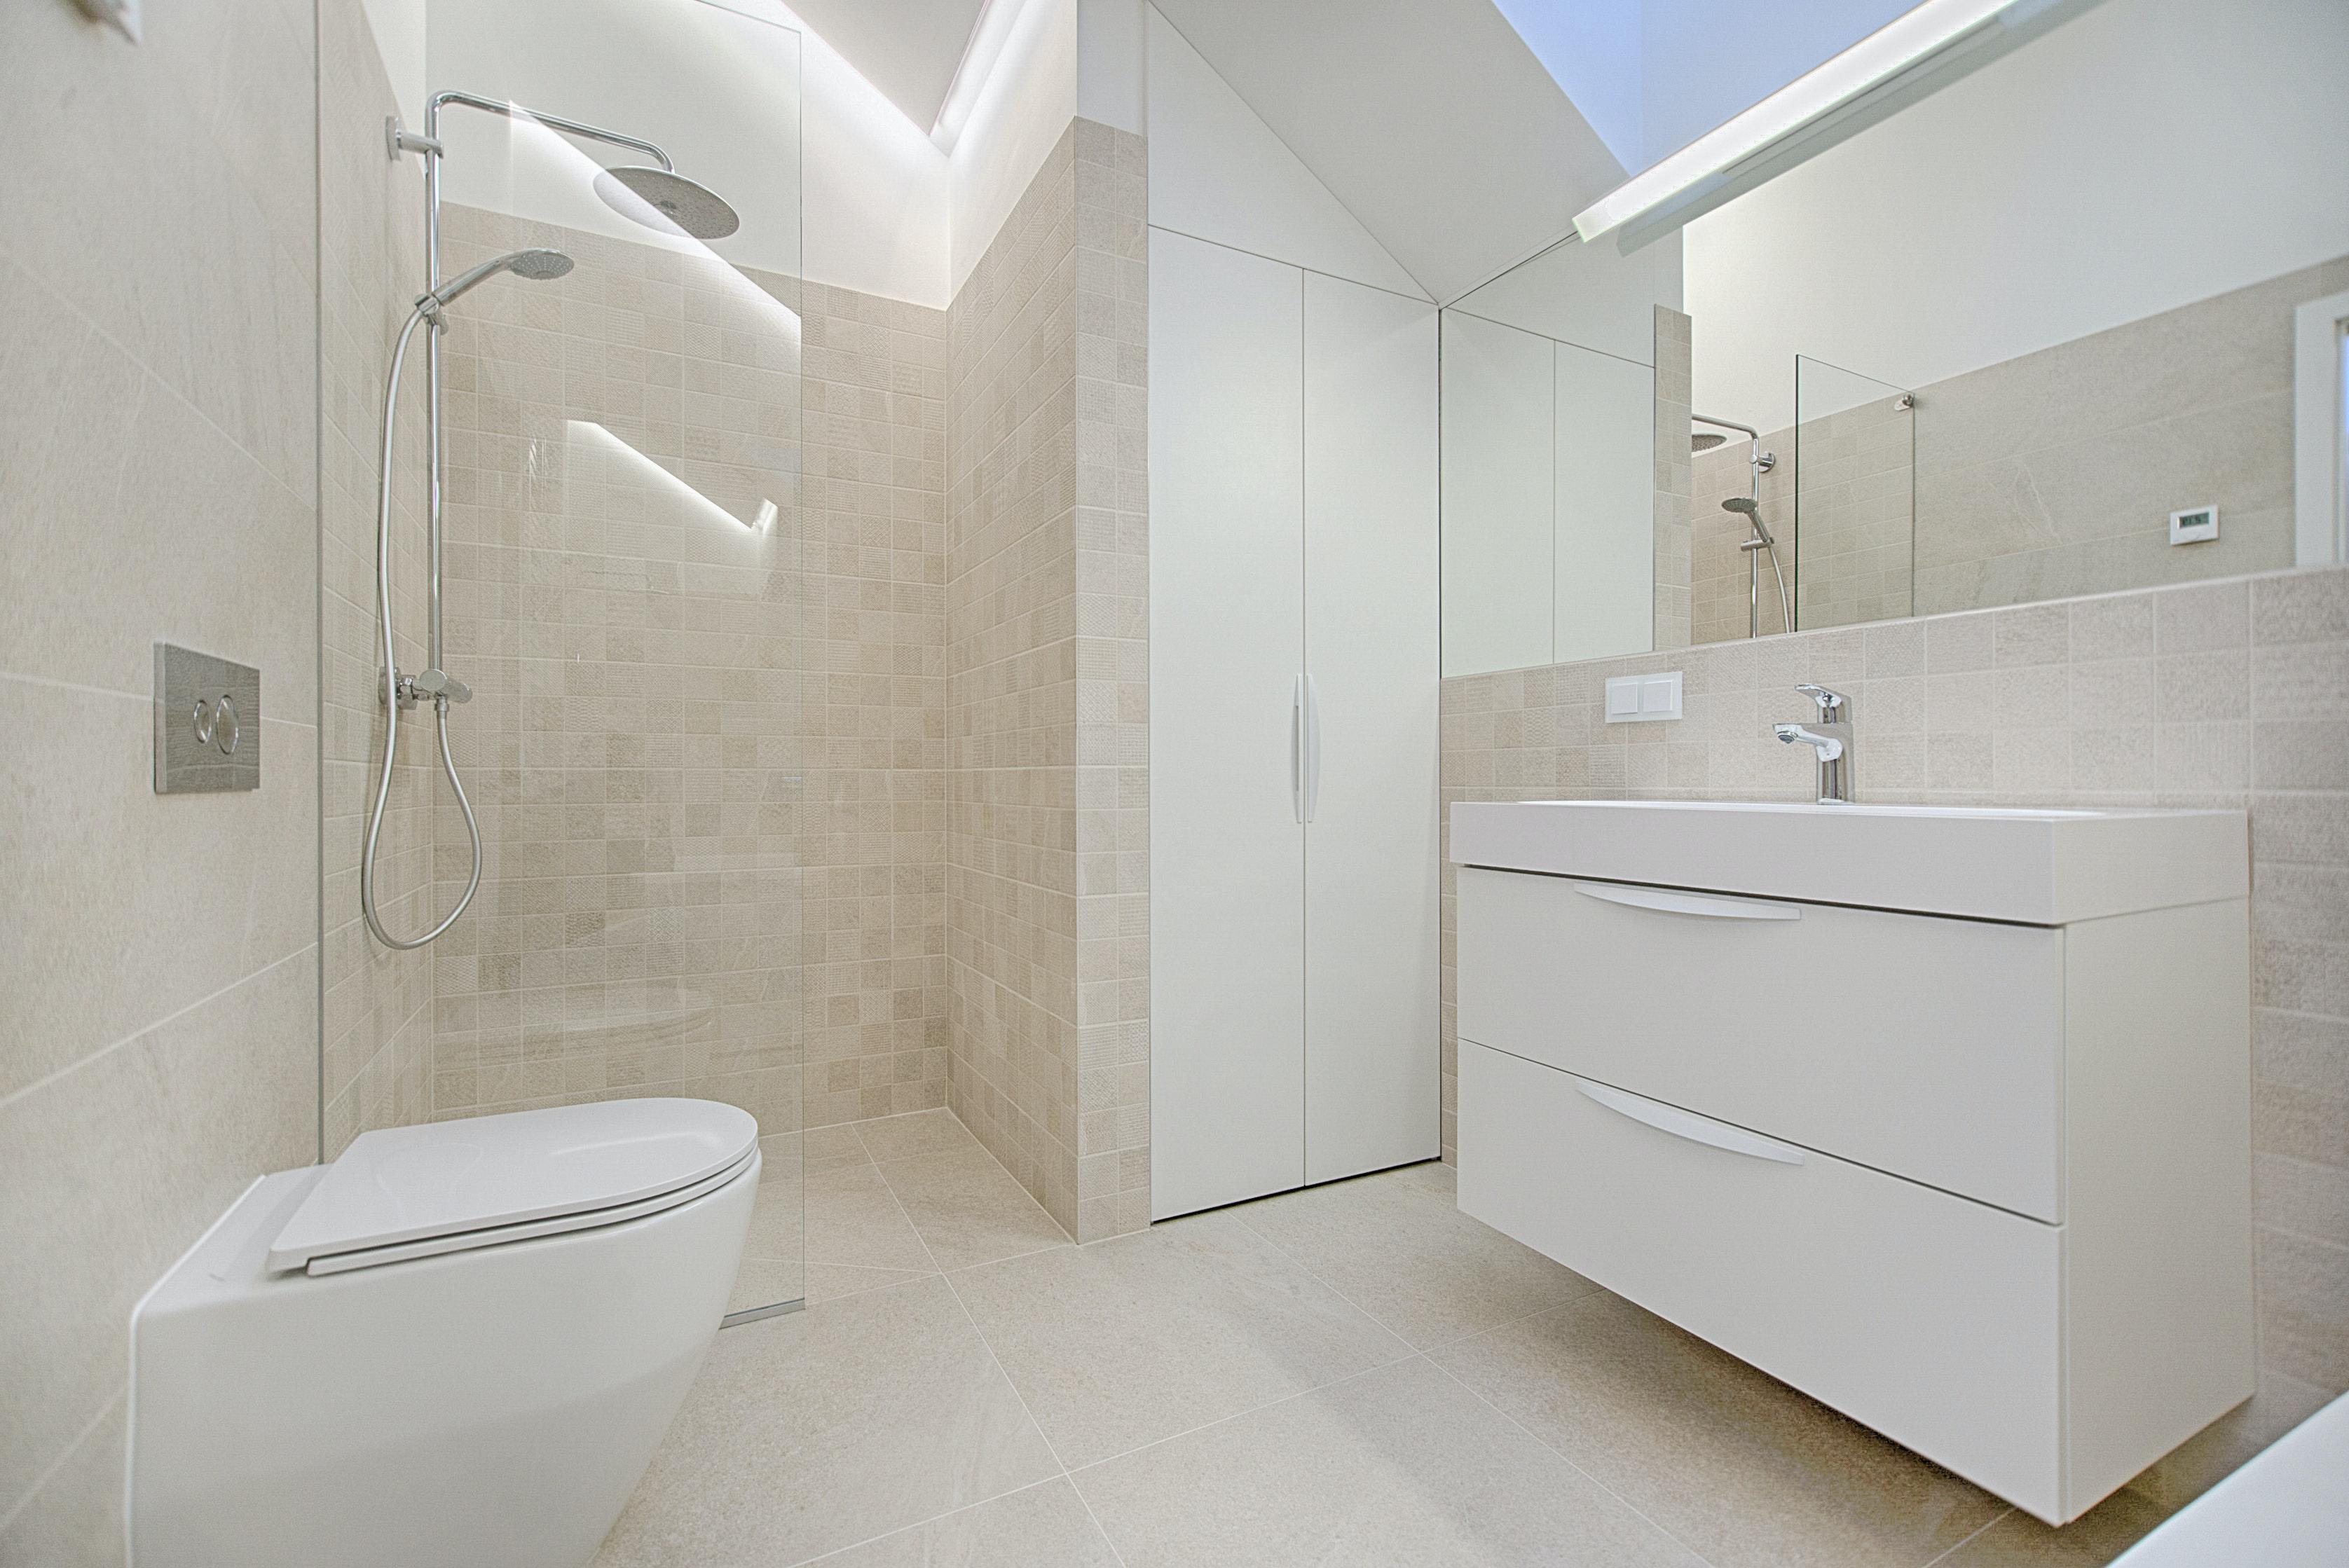 Sprchový kout typu walk-in. Vyžaduje správný sklon odtokového žlabu